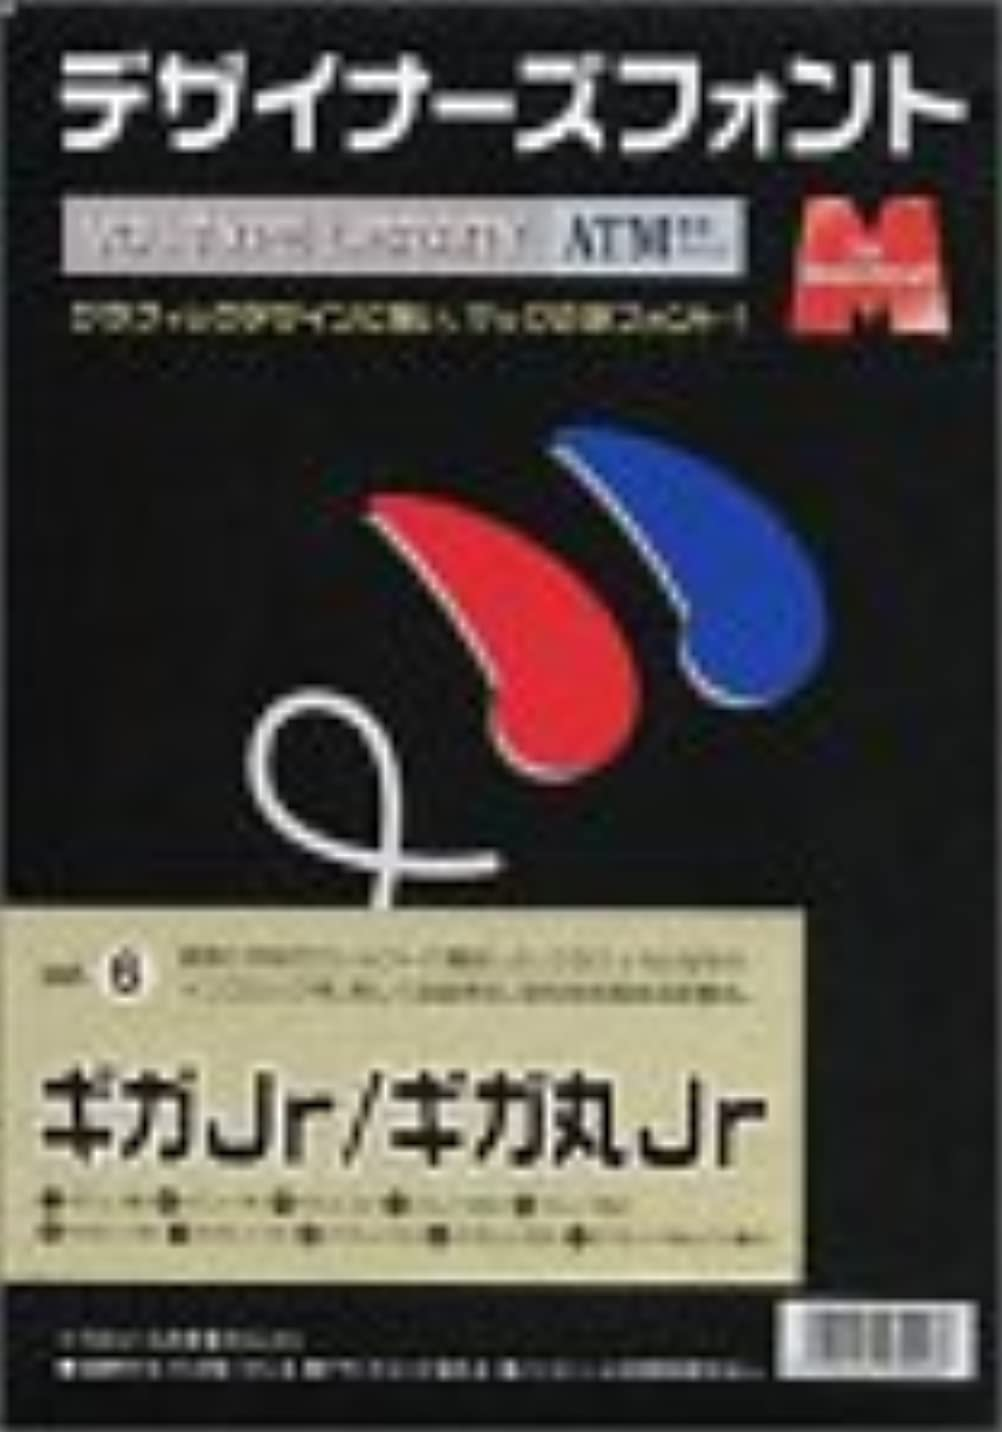 適応的聖なる絶対にデザイナーズフォント Vol.6 ギガJr/ギガ丸Jr